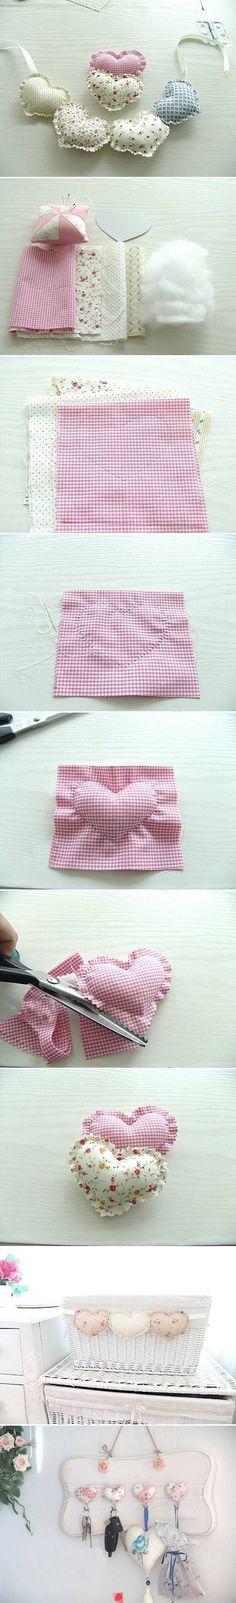 Tanti cuori di stoffa facilissimi da creare...